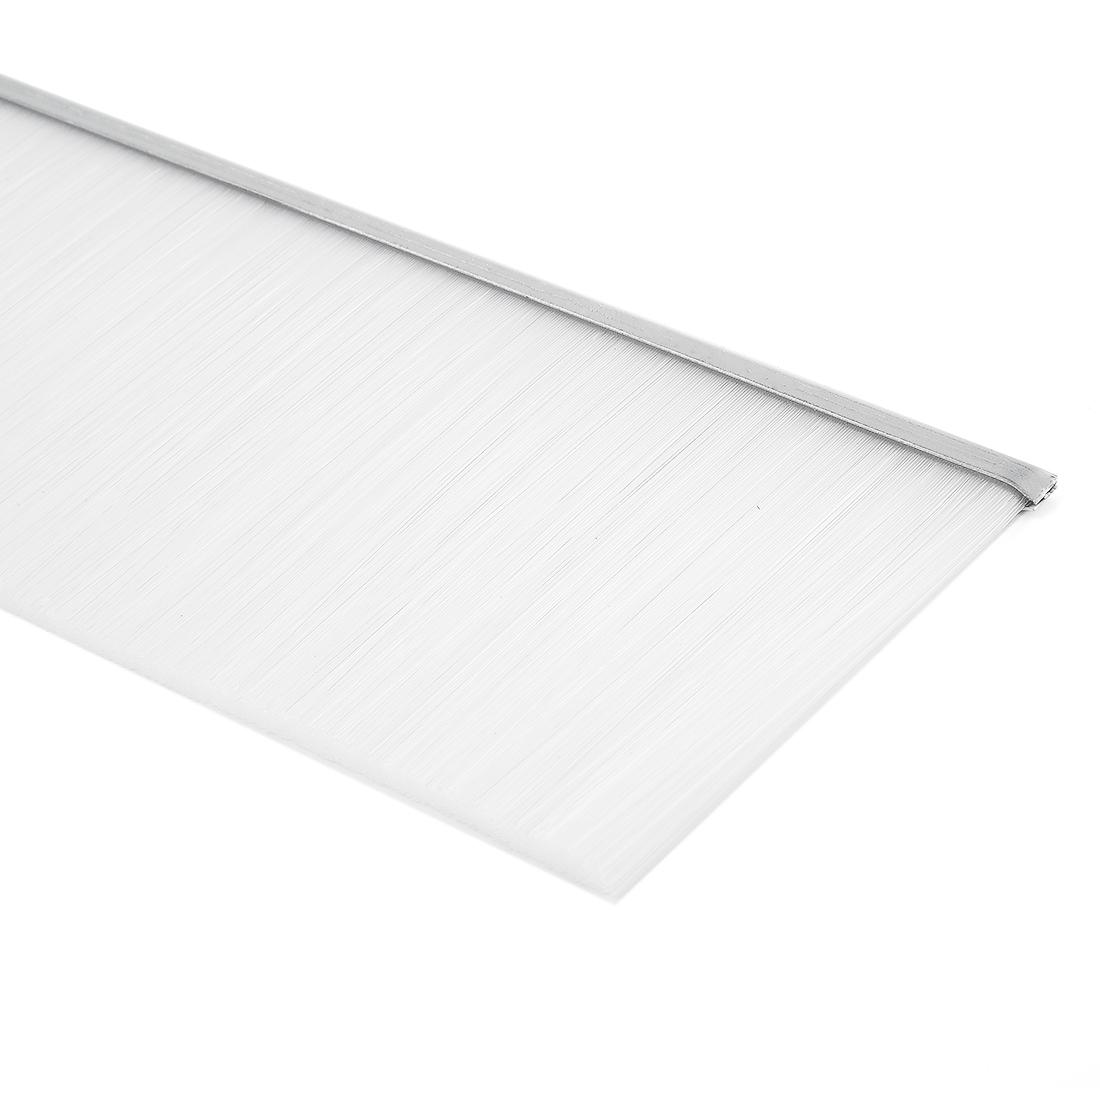 39-inch x 3.6-inch Door Bottom Sweep Nylon Brush Insert Seal White - image 3 of 5